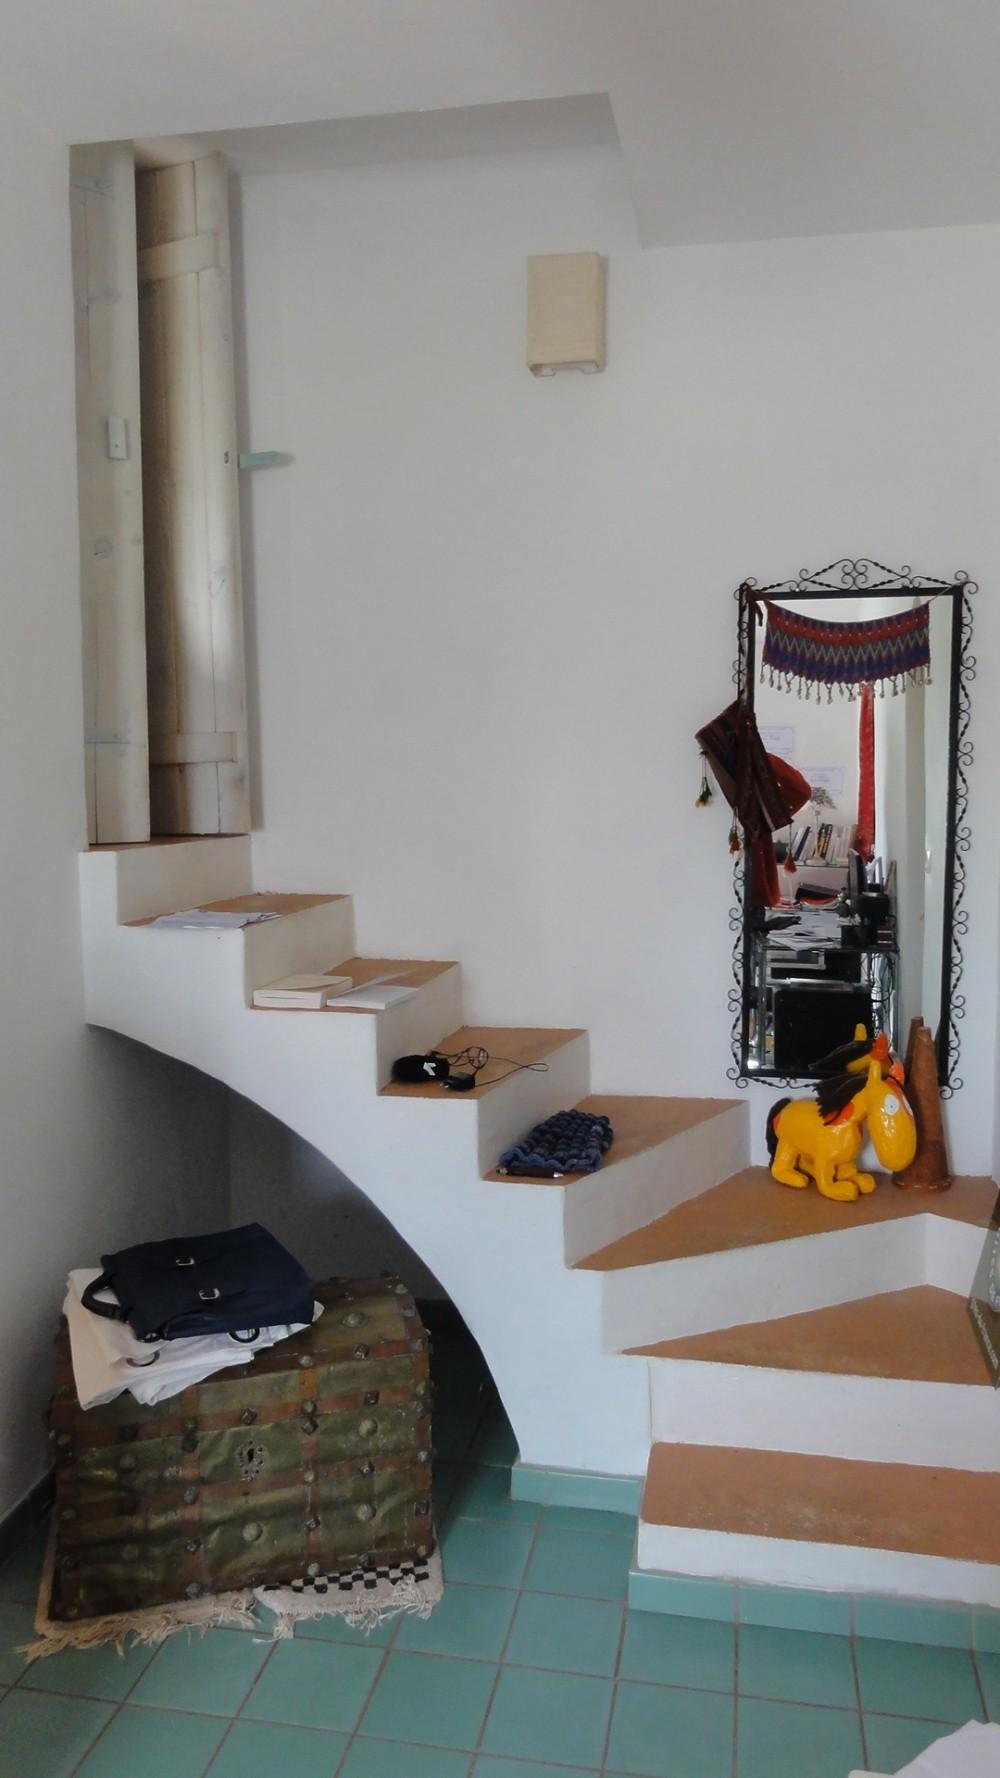 Le pied de l'escalier du bureau